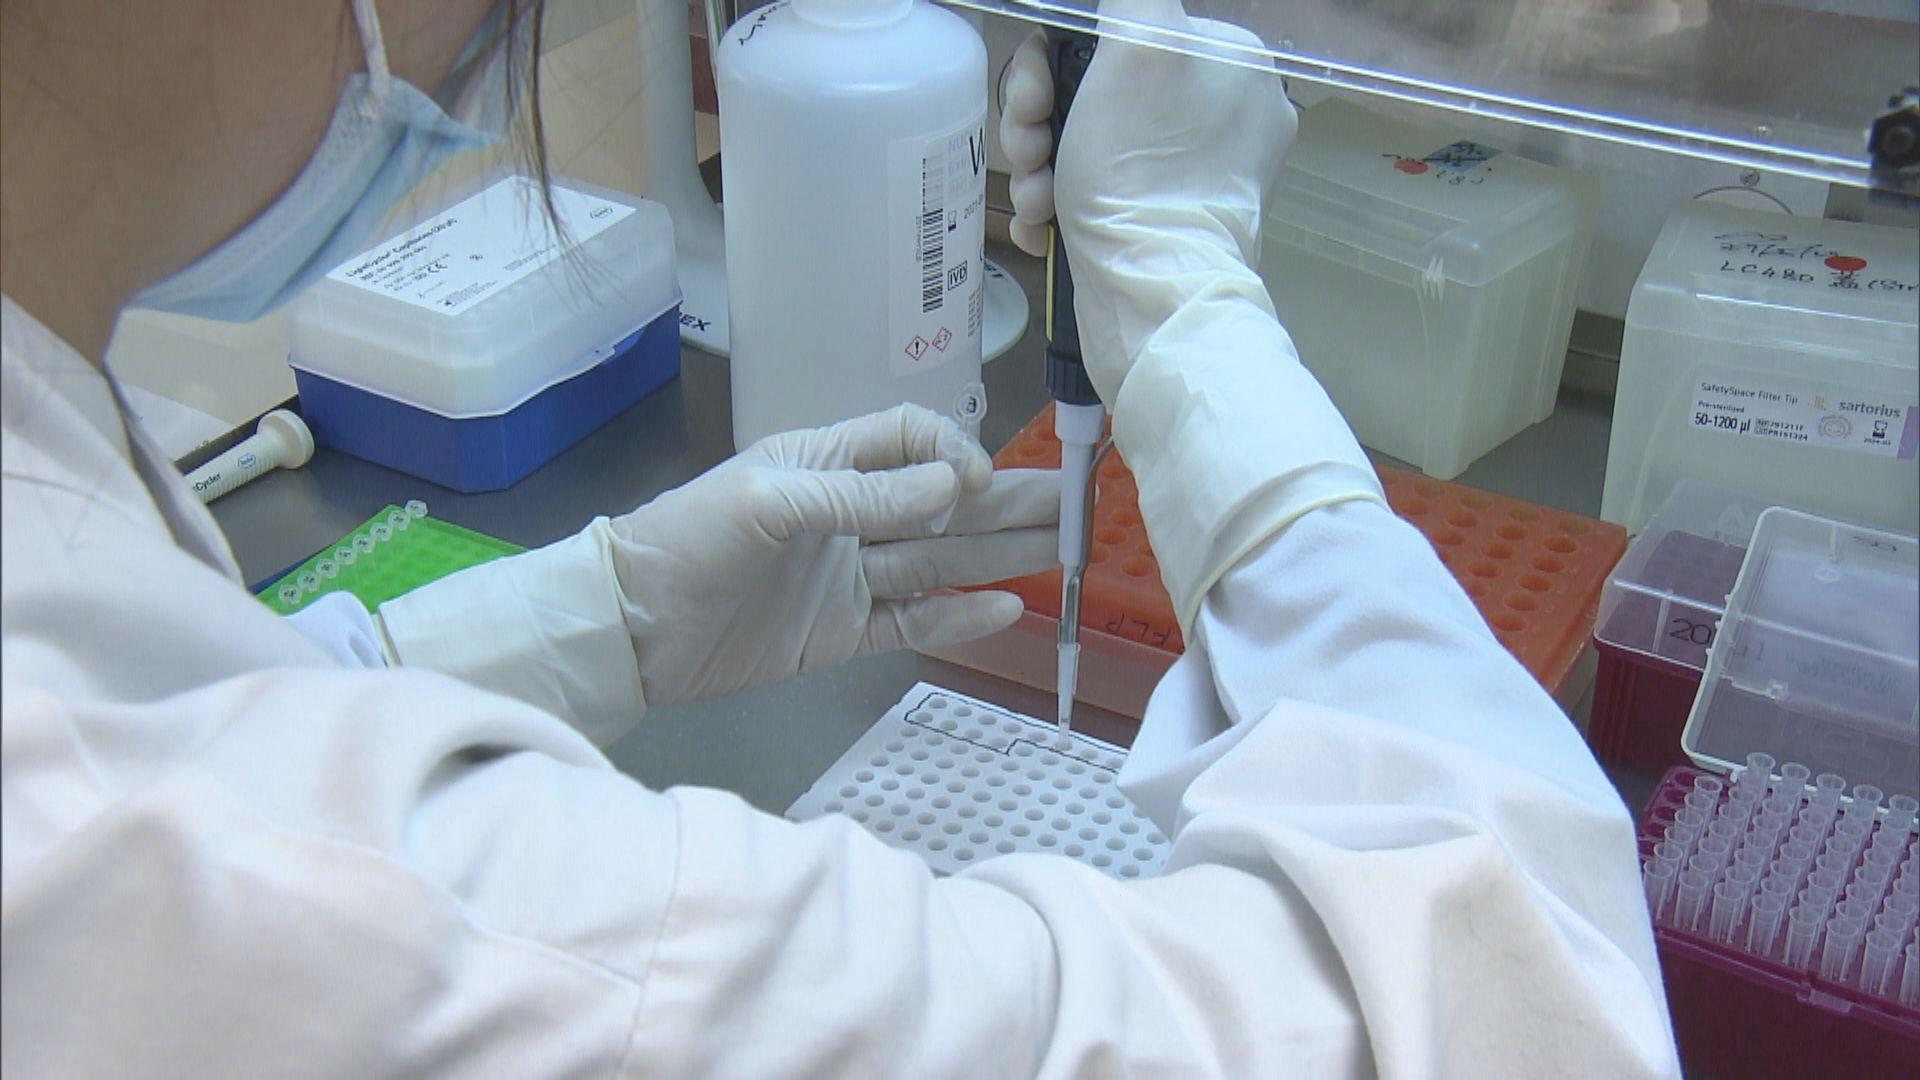 四名的士司機現假陽性結果 專家懷疑實驗室受污染